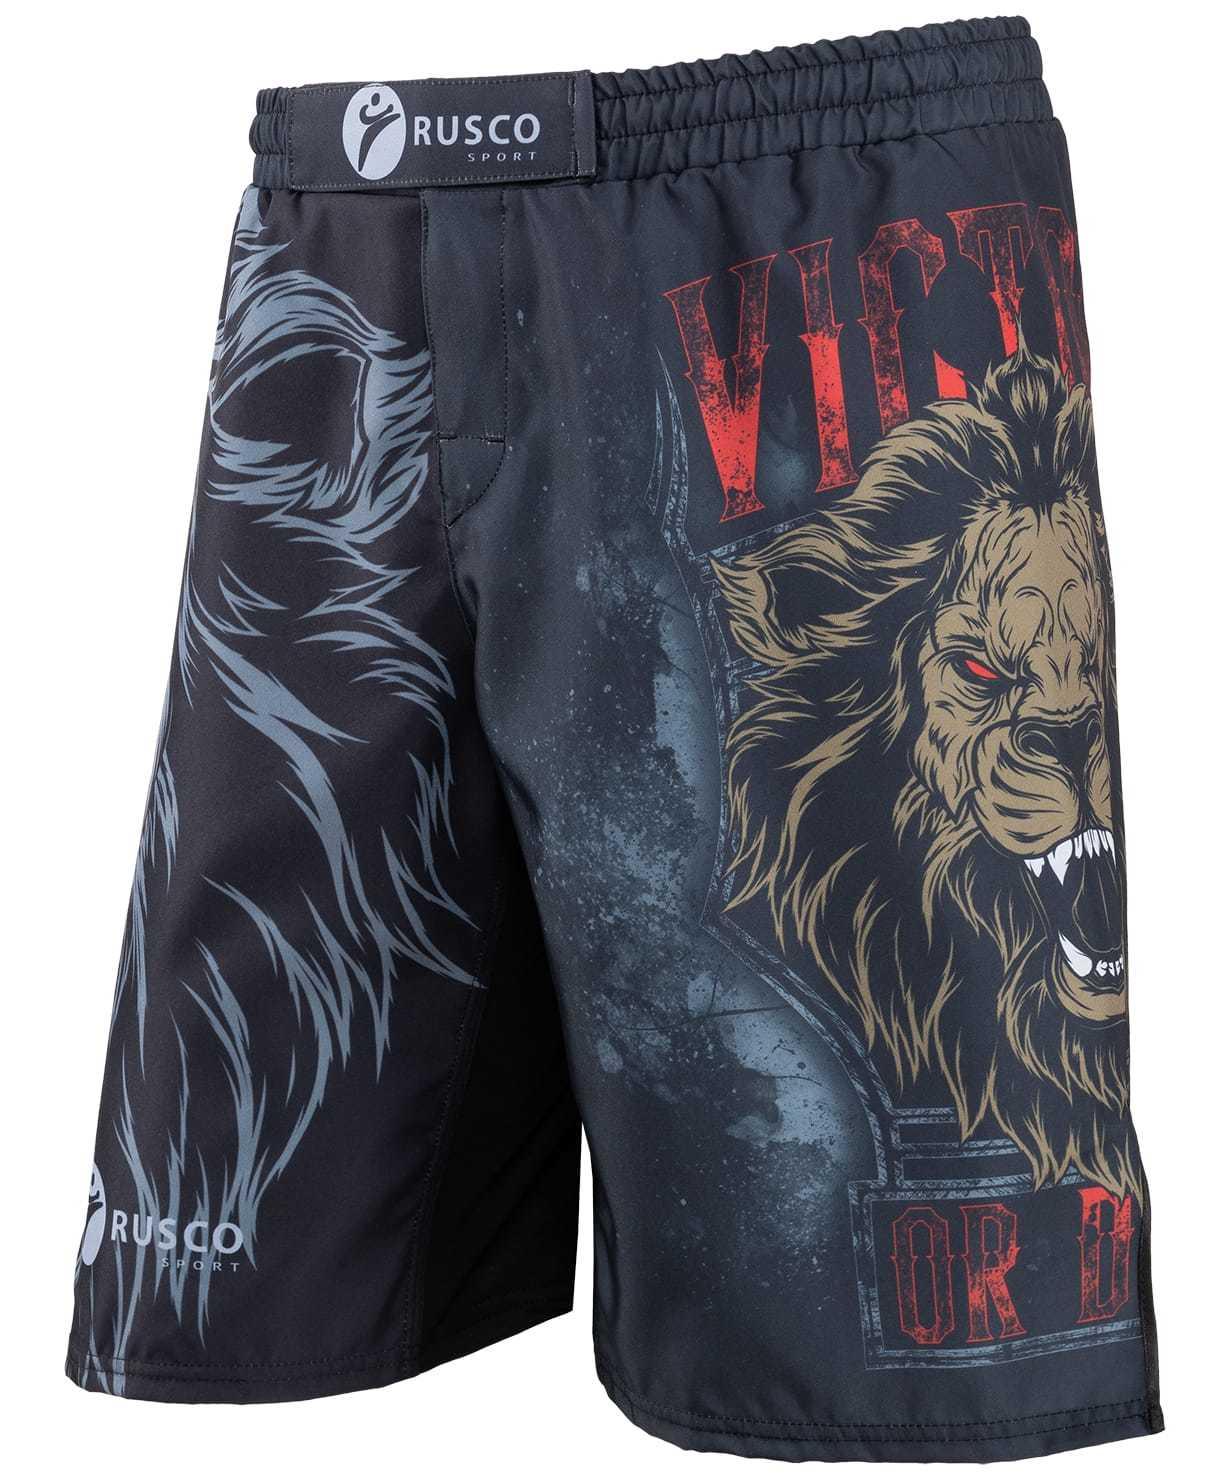 Рашгарды и шорты Шорты для MMA Lion, детские 8691f6143fe87192e7e485d4a85f2b6d.jpg